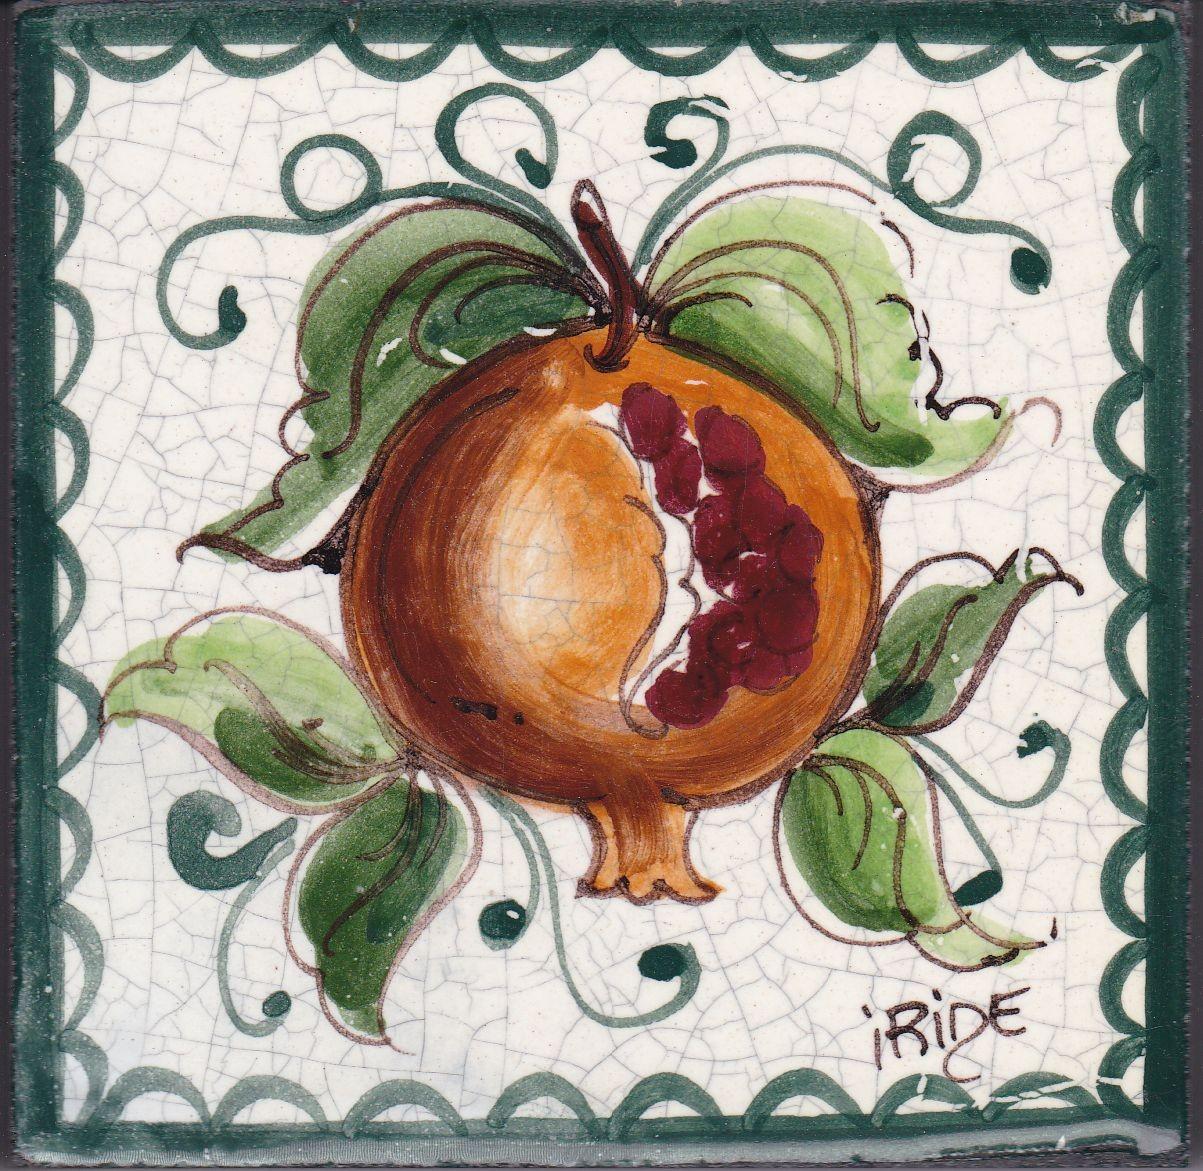 Piastrelle Cucina Con Fiori mattonella in ceramica modello melograno - ceramiche artistiche iride